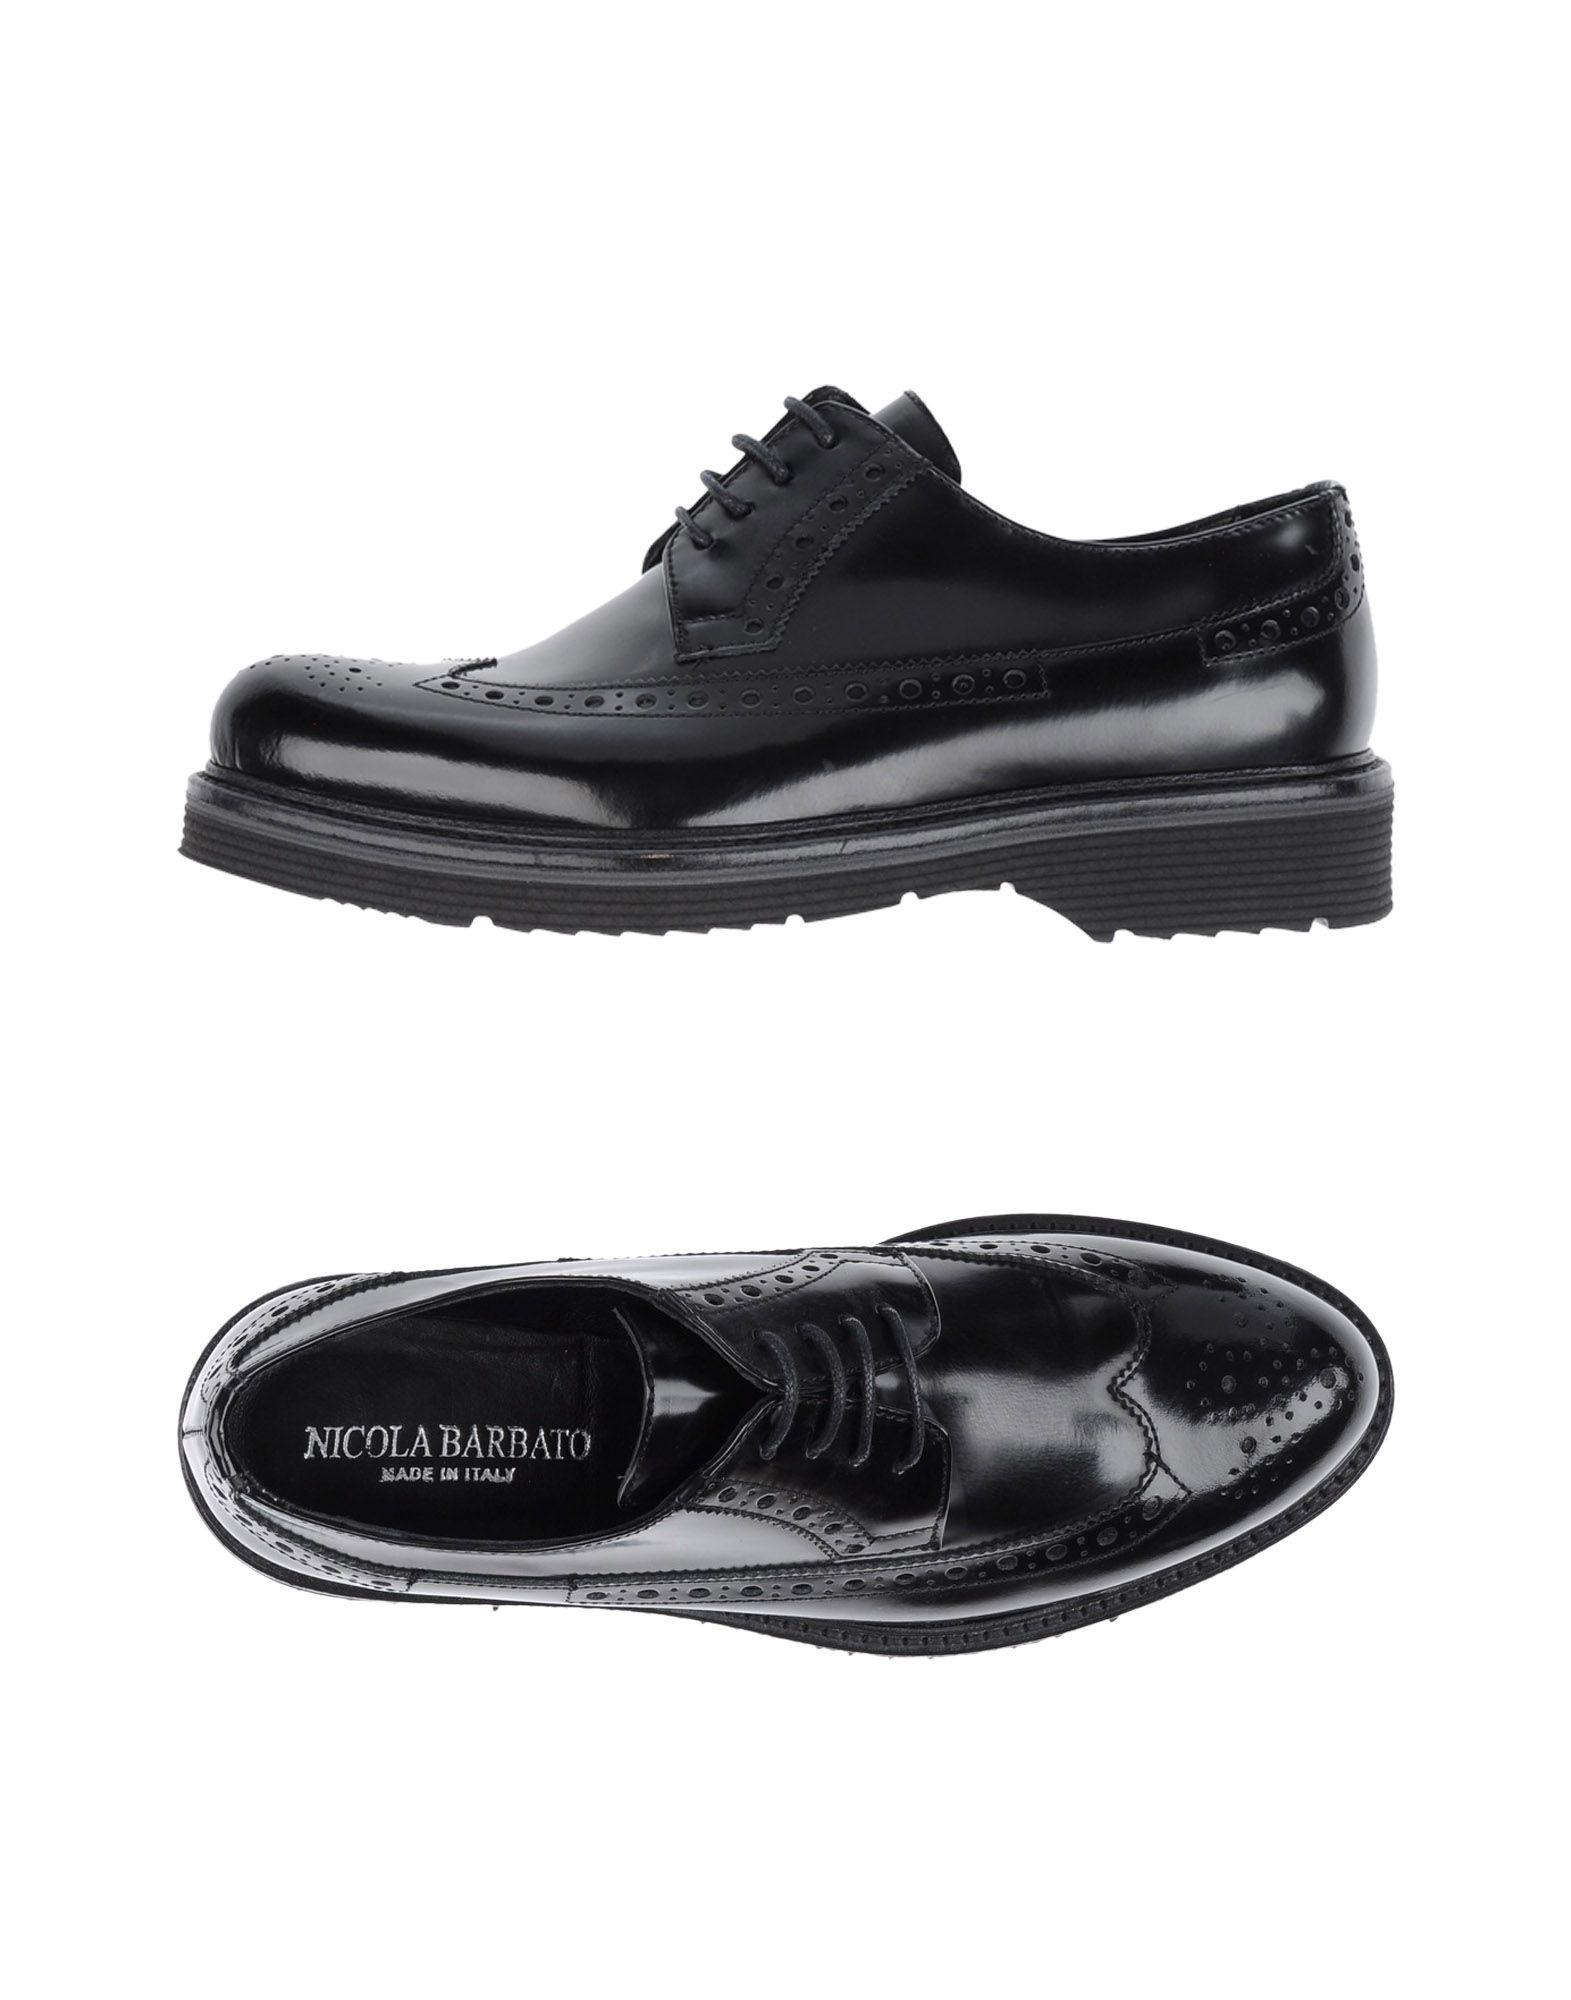 Nicola Barbato Schnürschuhe Damen  11250723ES Gute Qualität beliebte Schuhe